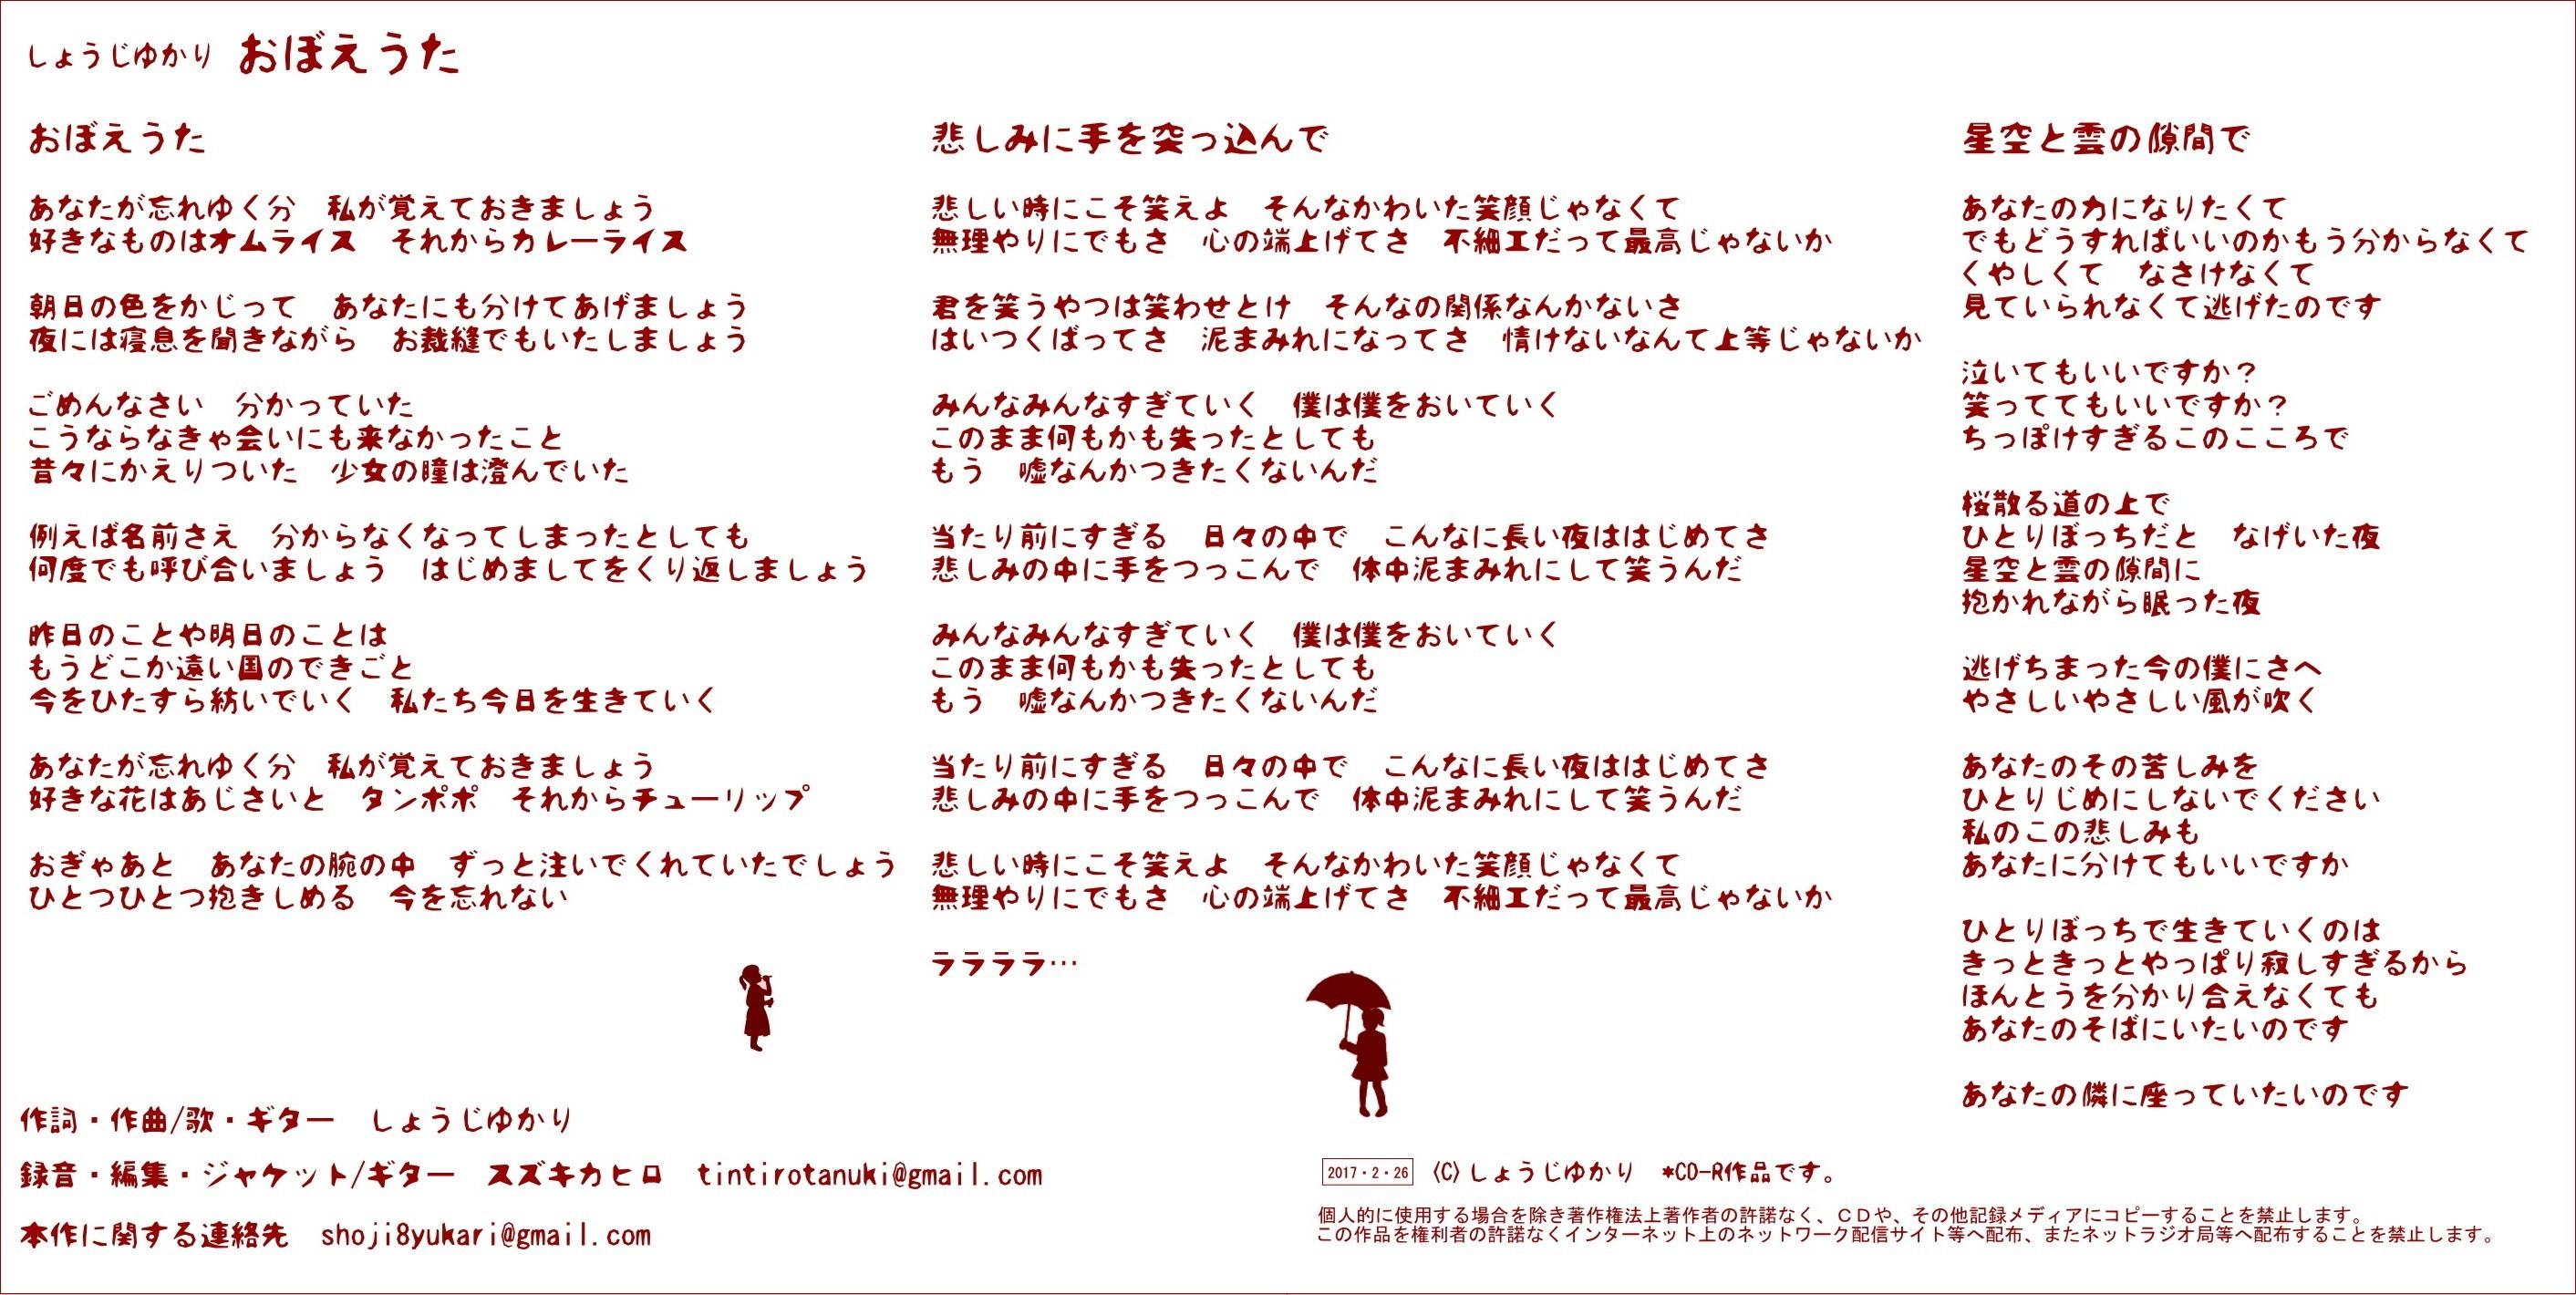 yukarikashi.jpg